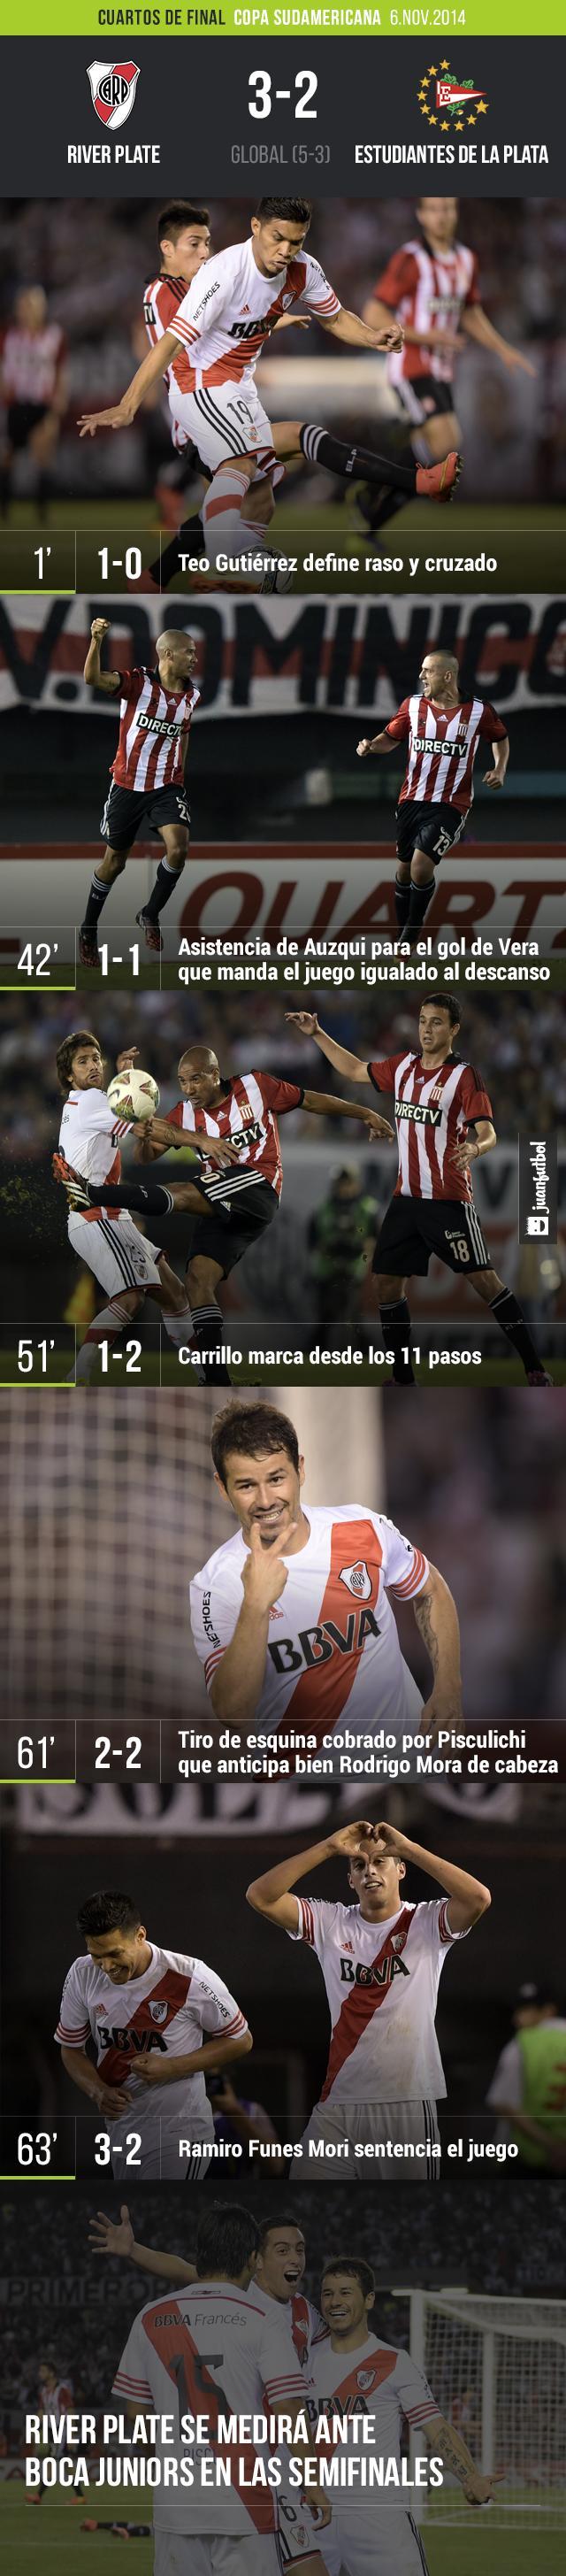 River Plate vence 3-2 a Estduiantes de La Plata en los cuartos de final de la Copa Sudamericana